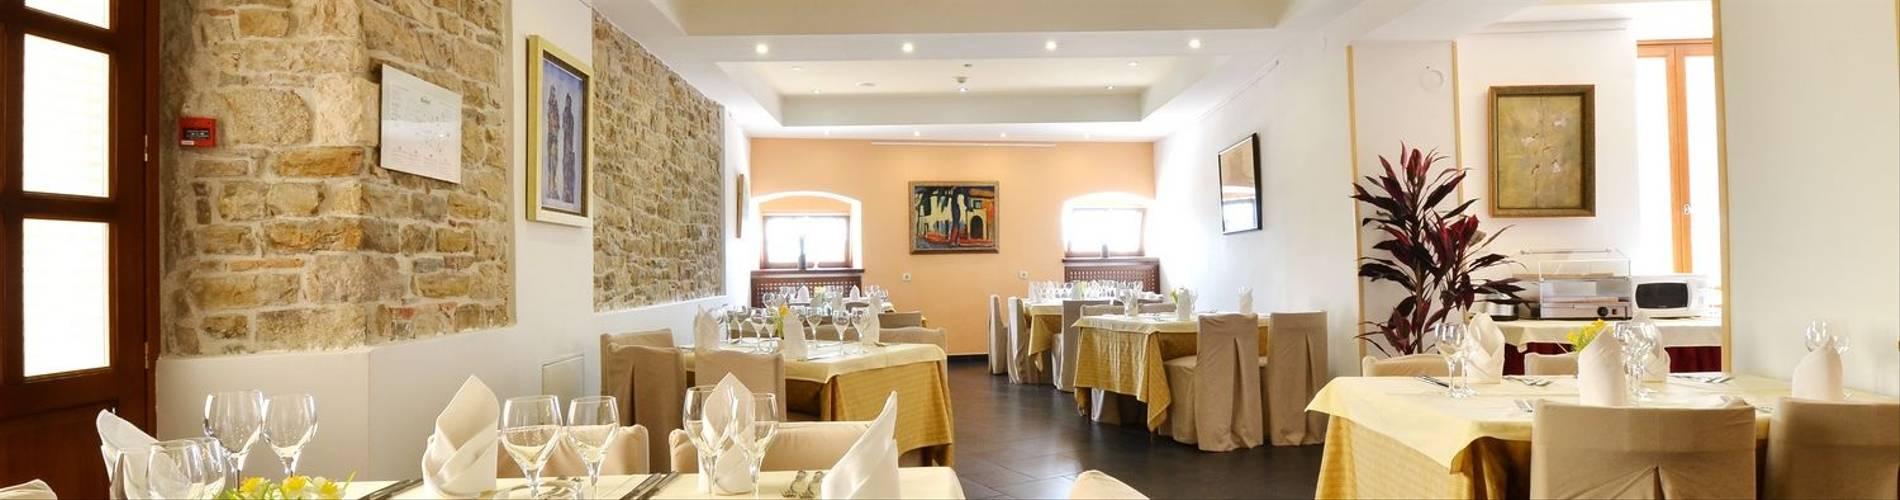 Dining-Room-Kastel-Motovun-2014.jpg